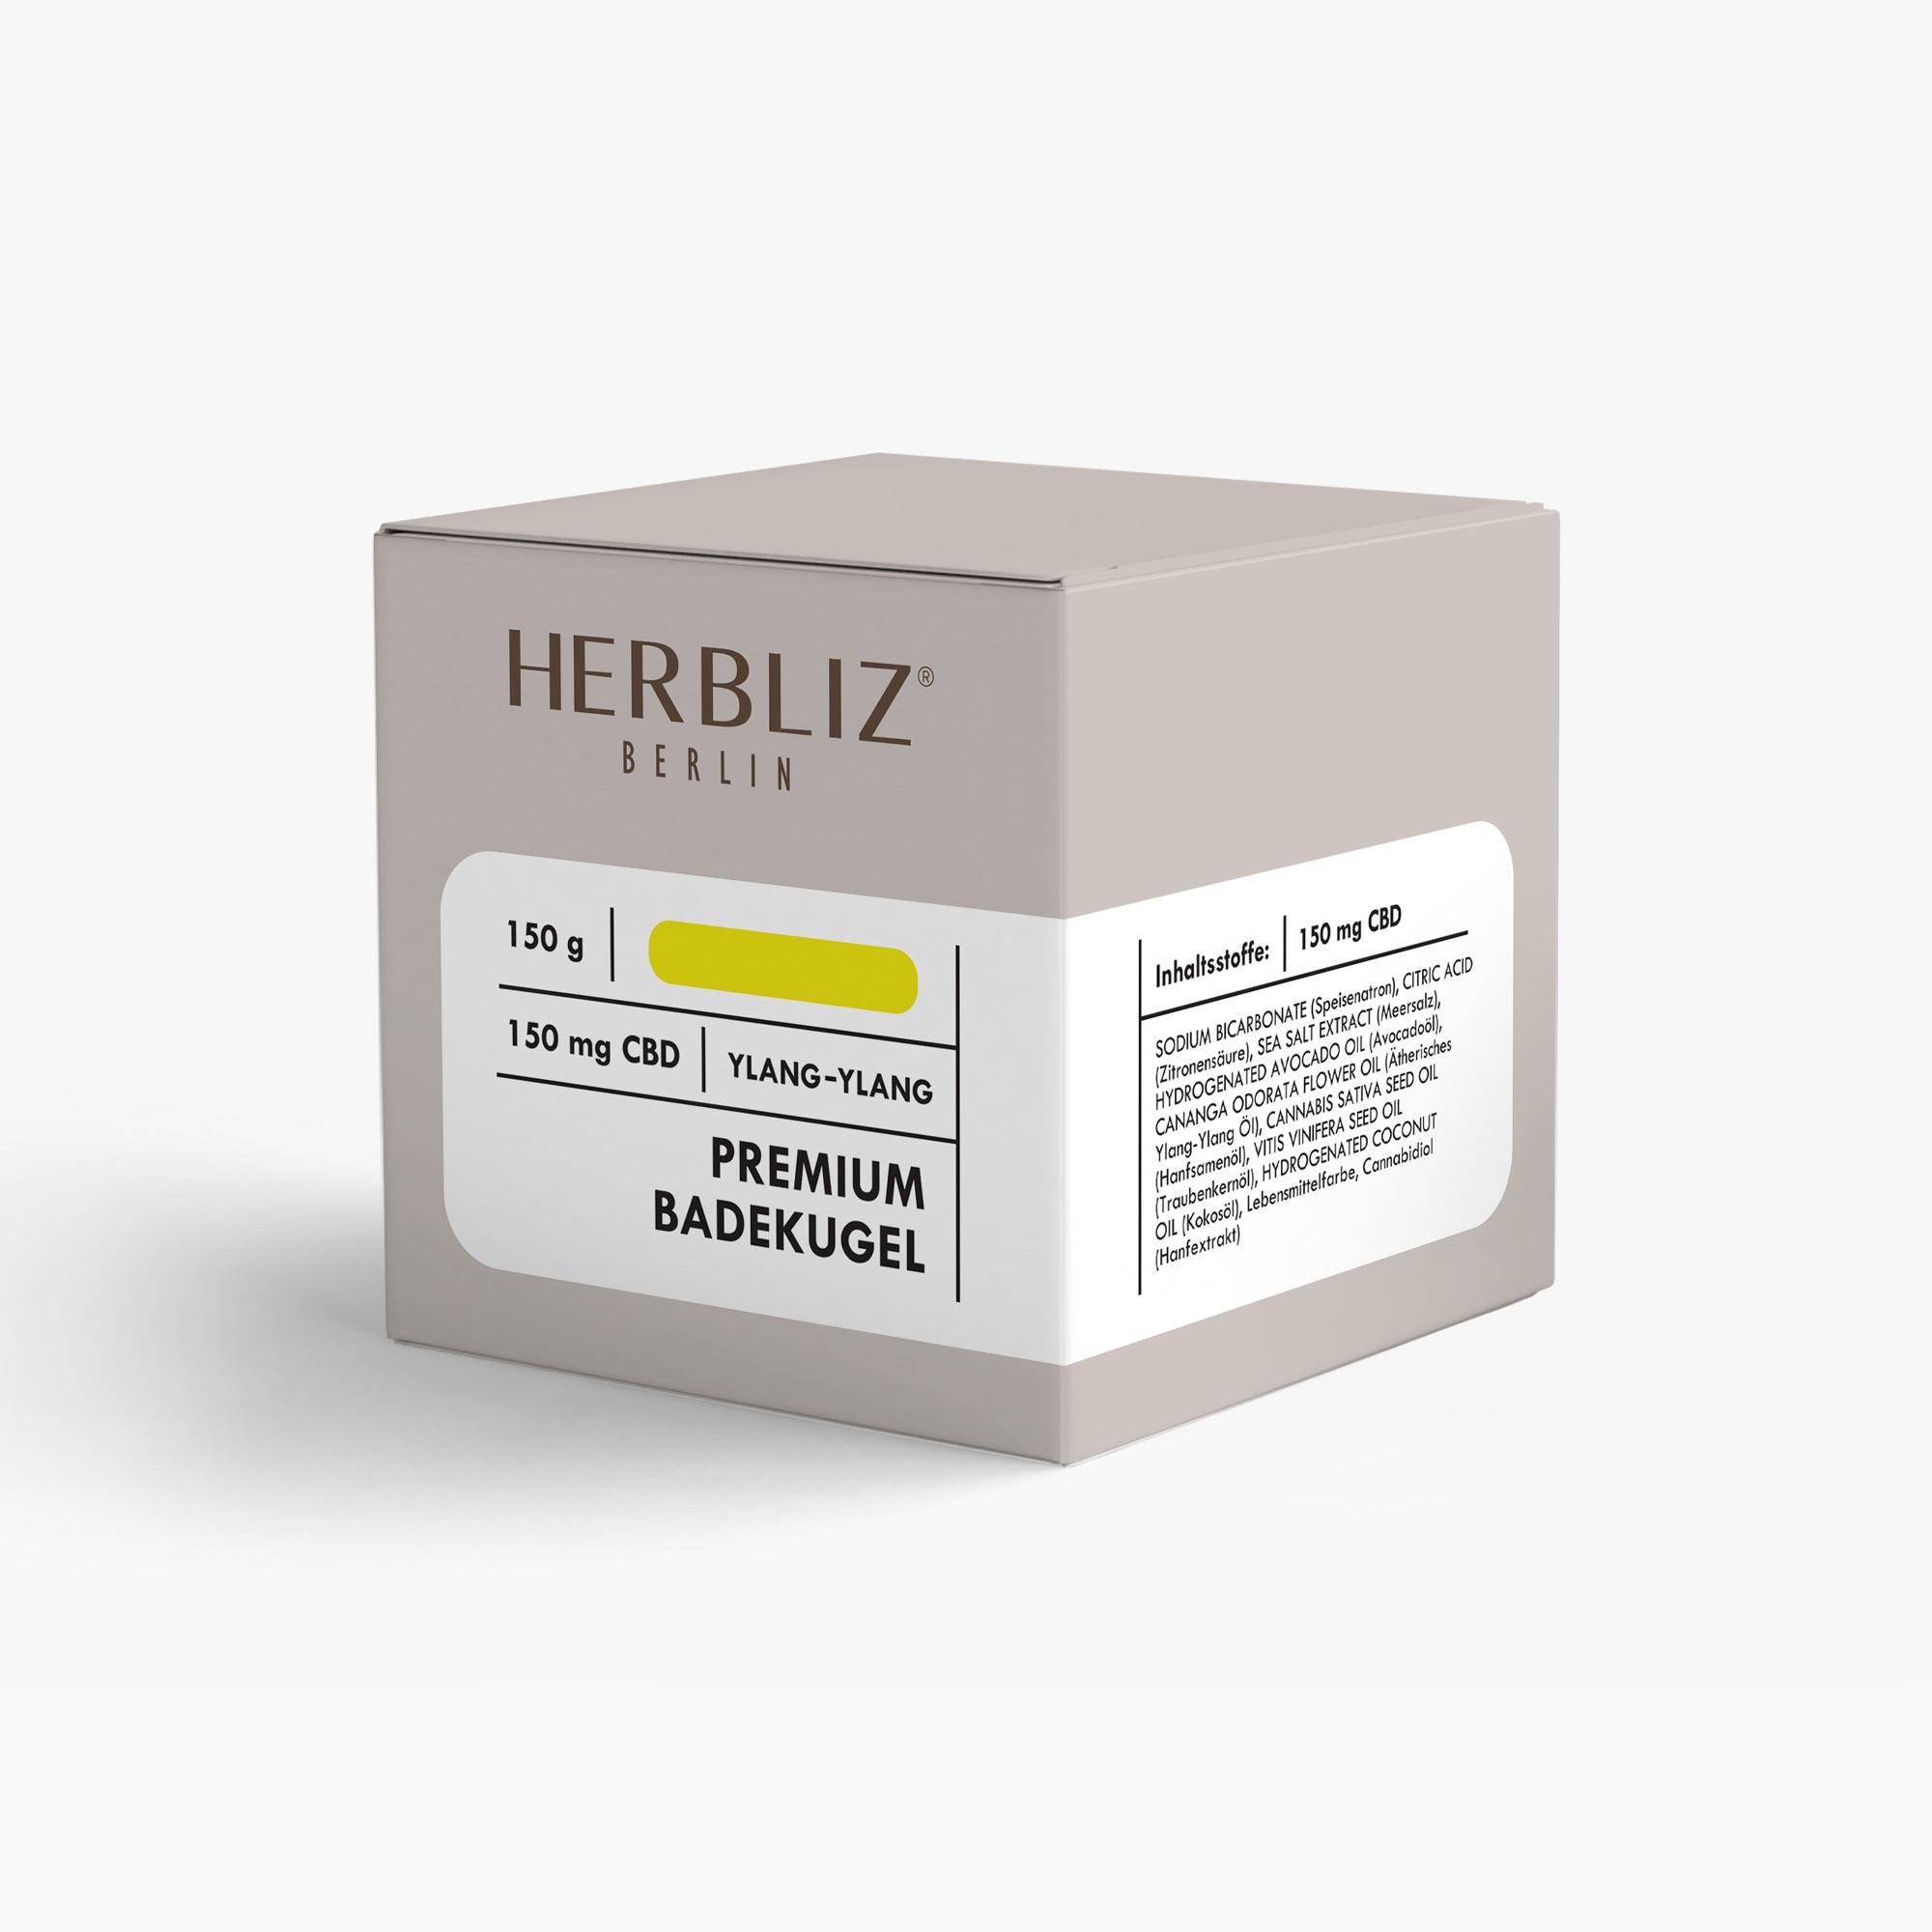 HERBLIZ CBD Badekugel - Ylang-Ylang